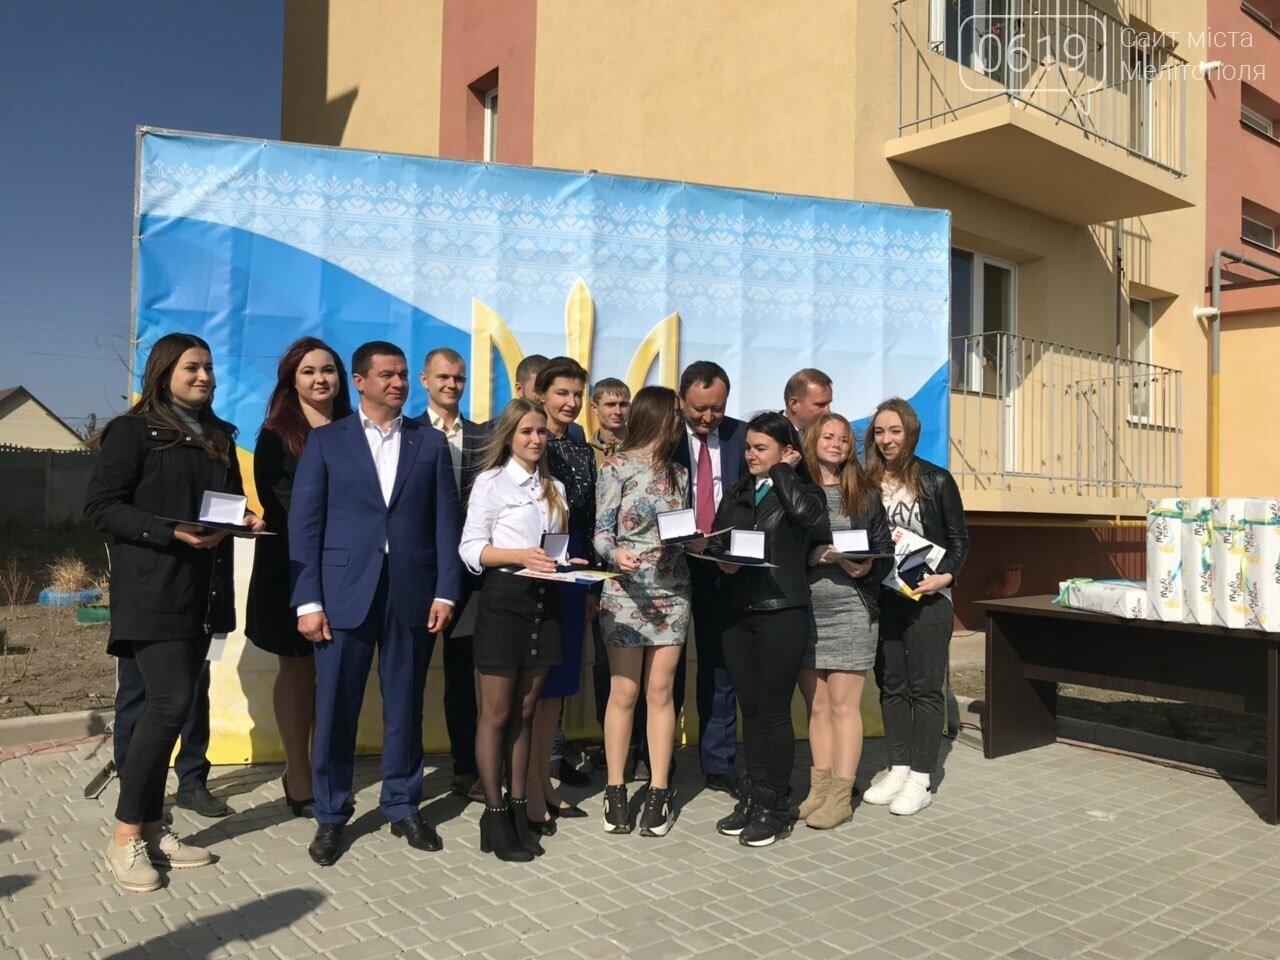 Супруга Президента вручила мелитопольским сиротам ключи от квартир , фото-3, Фото сайта 0619